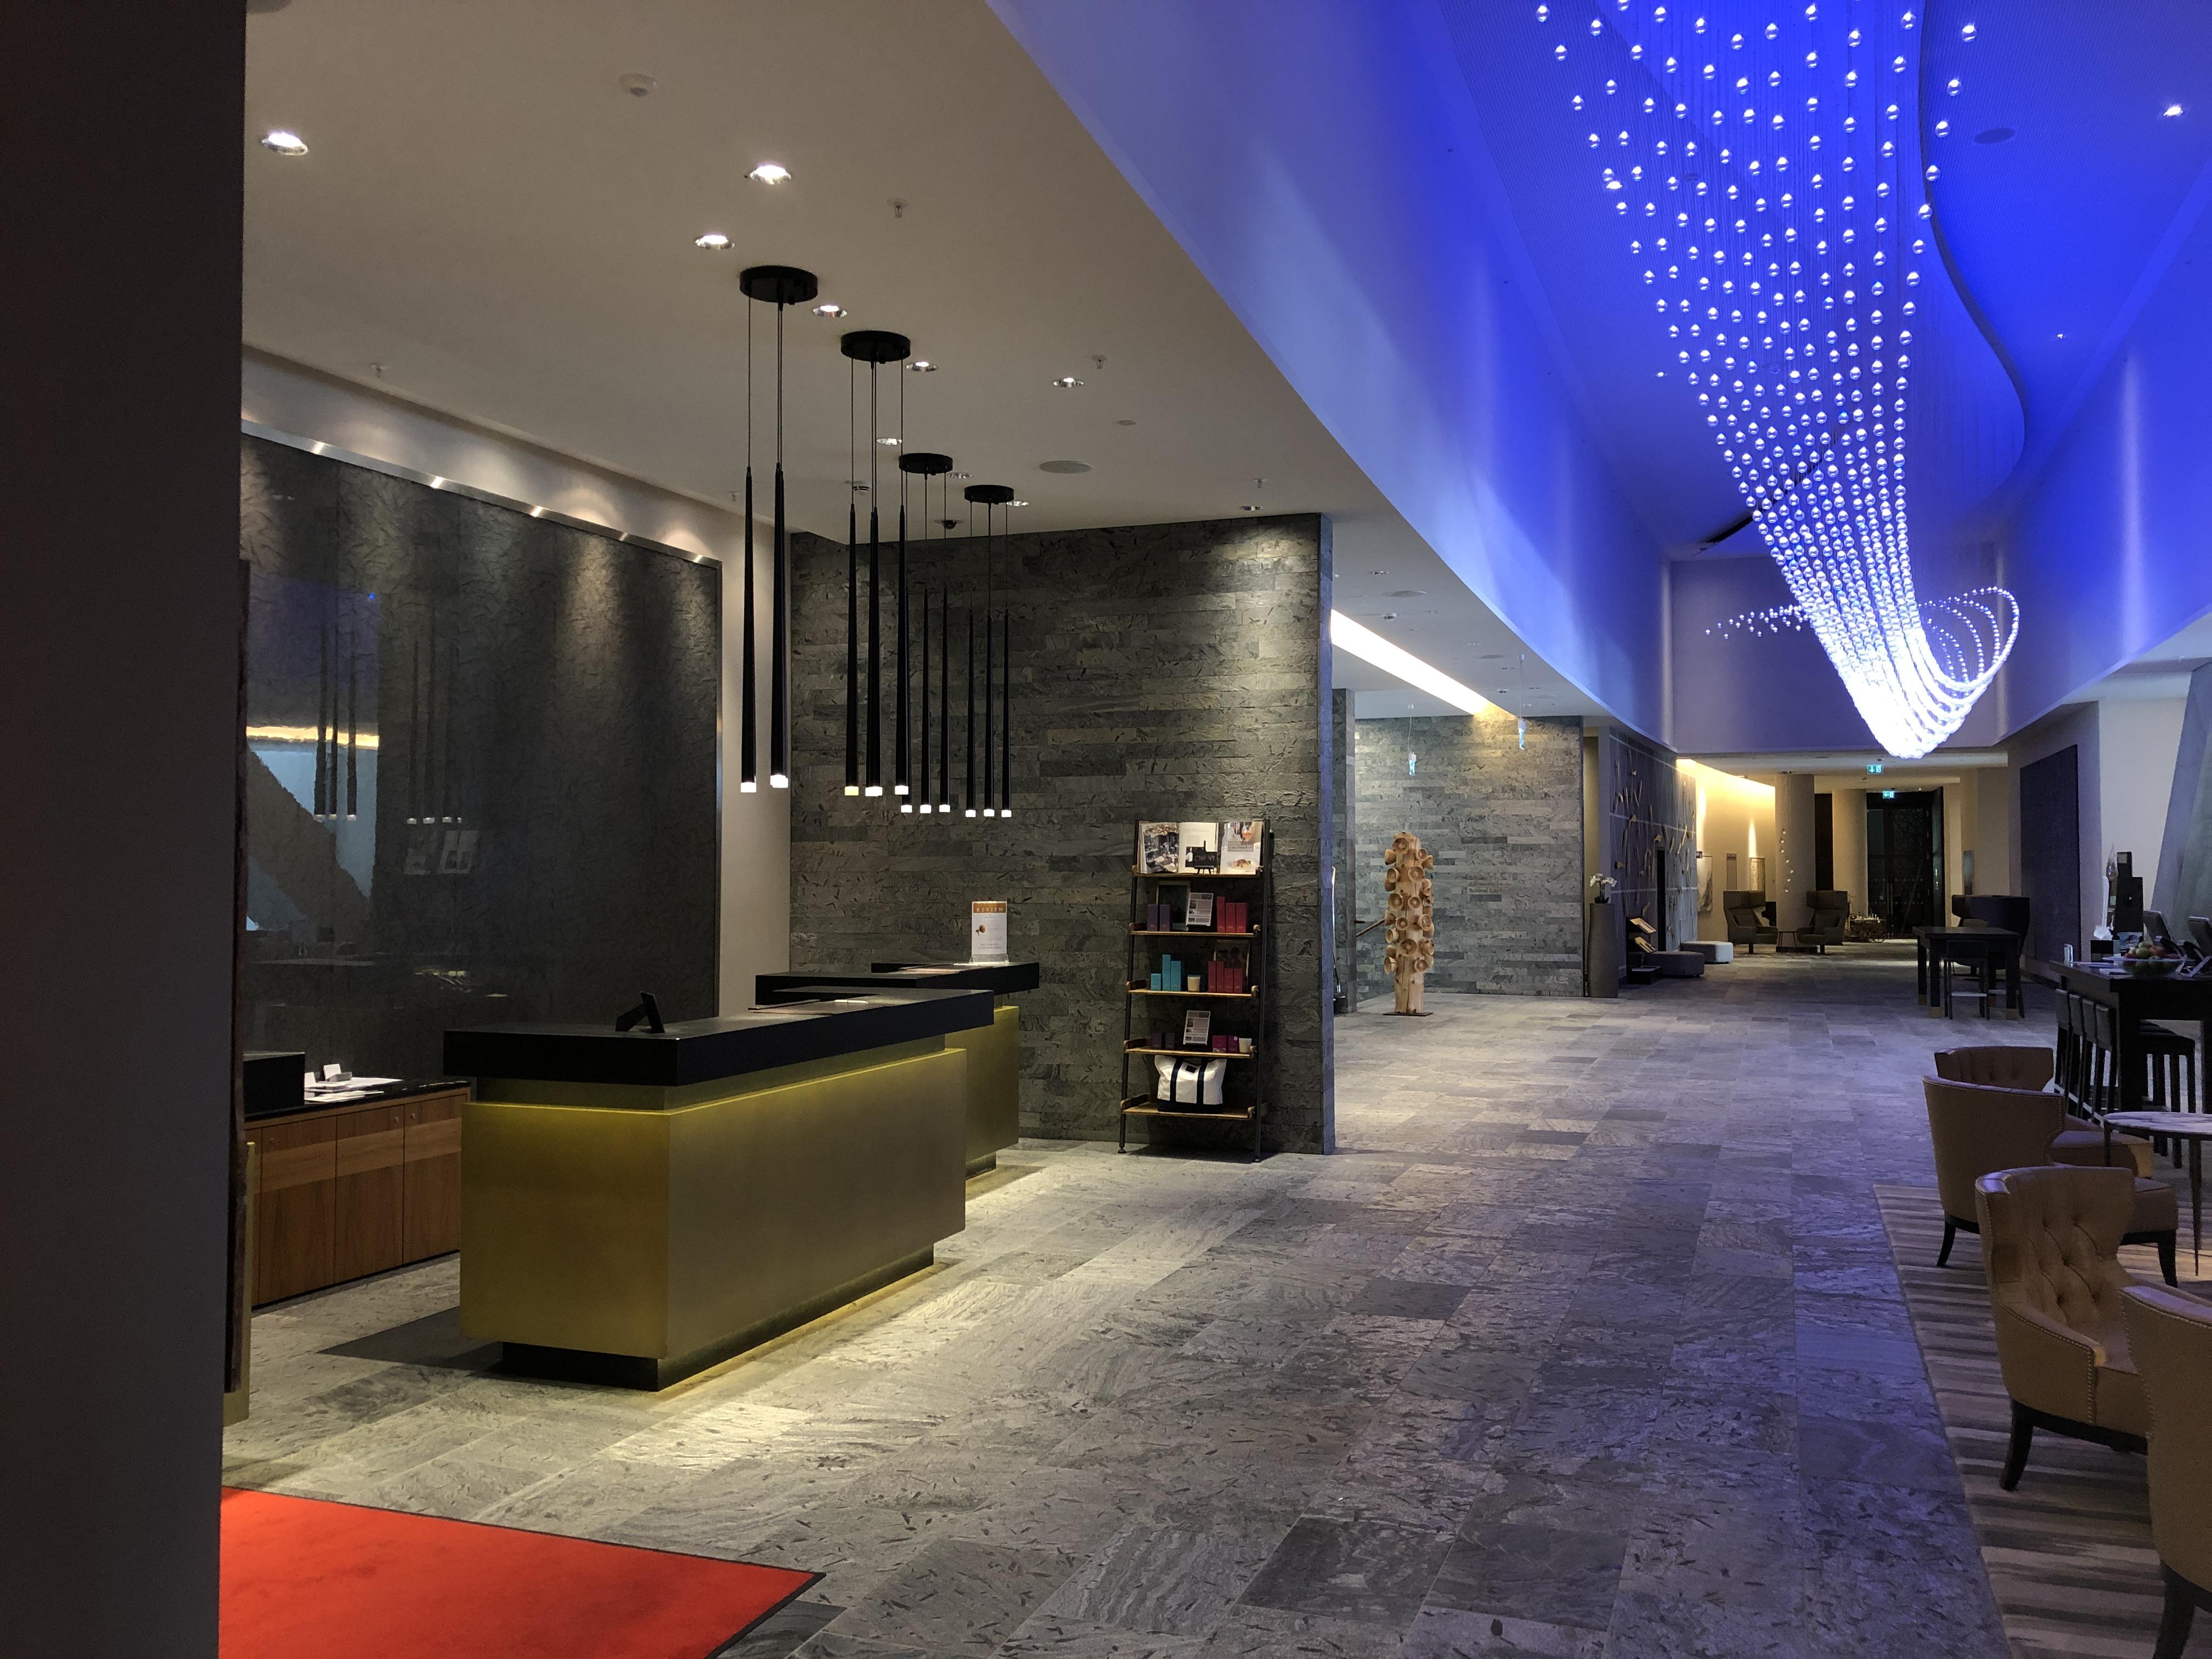 Hotelpunkte in Avios umwandeln und 35% Bonus erhalten